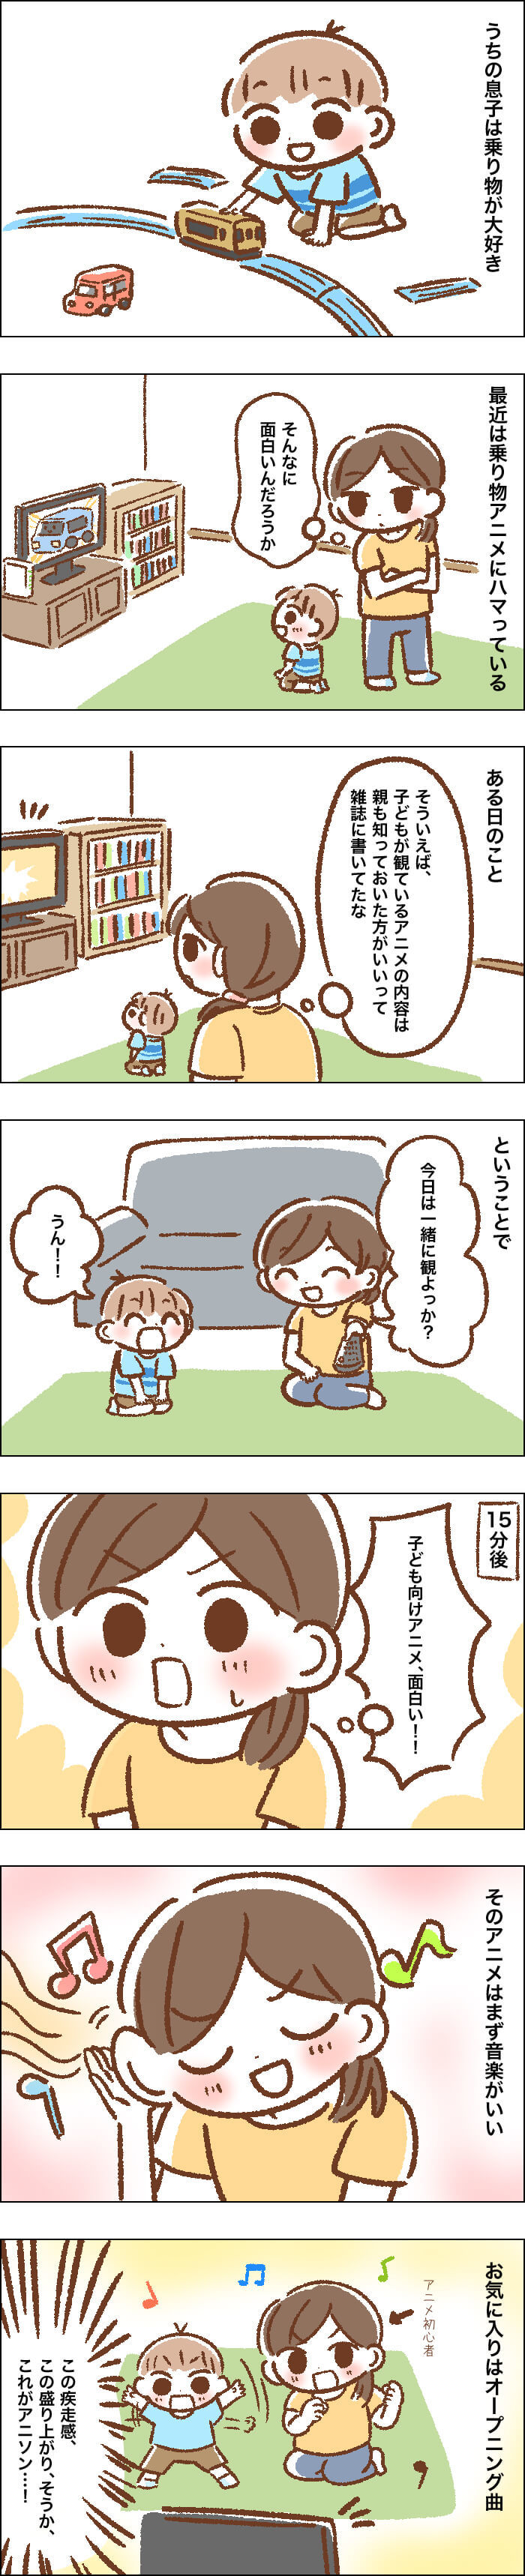 幼児アニメにドハマりした結果、家族がいままでにない幸せを手に入れた話の画像1